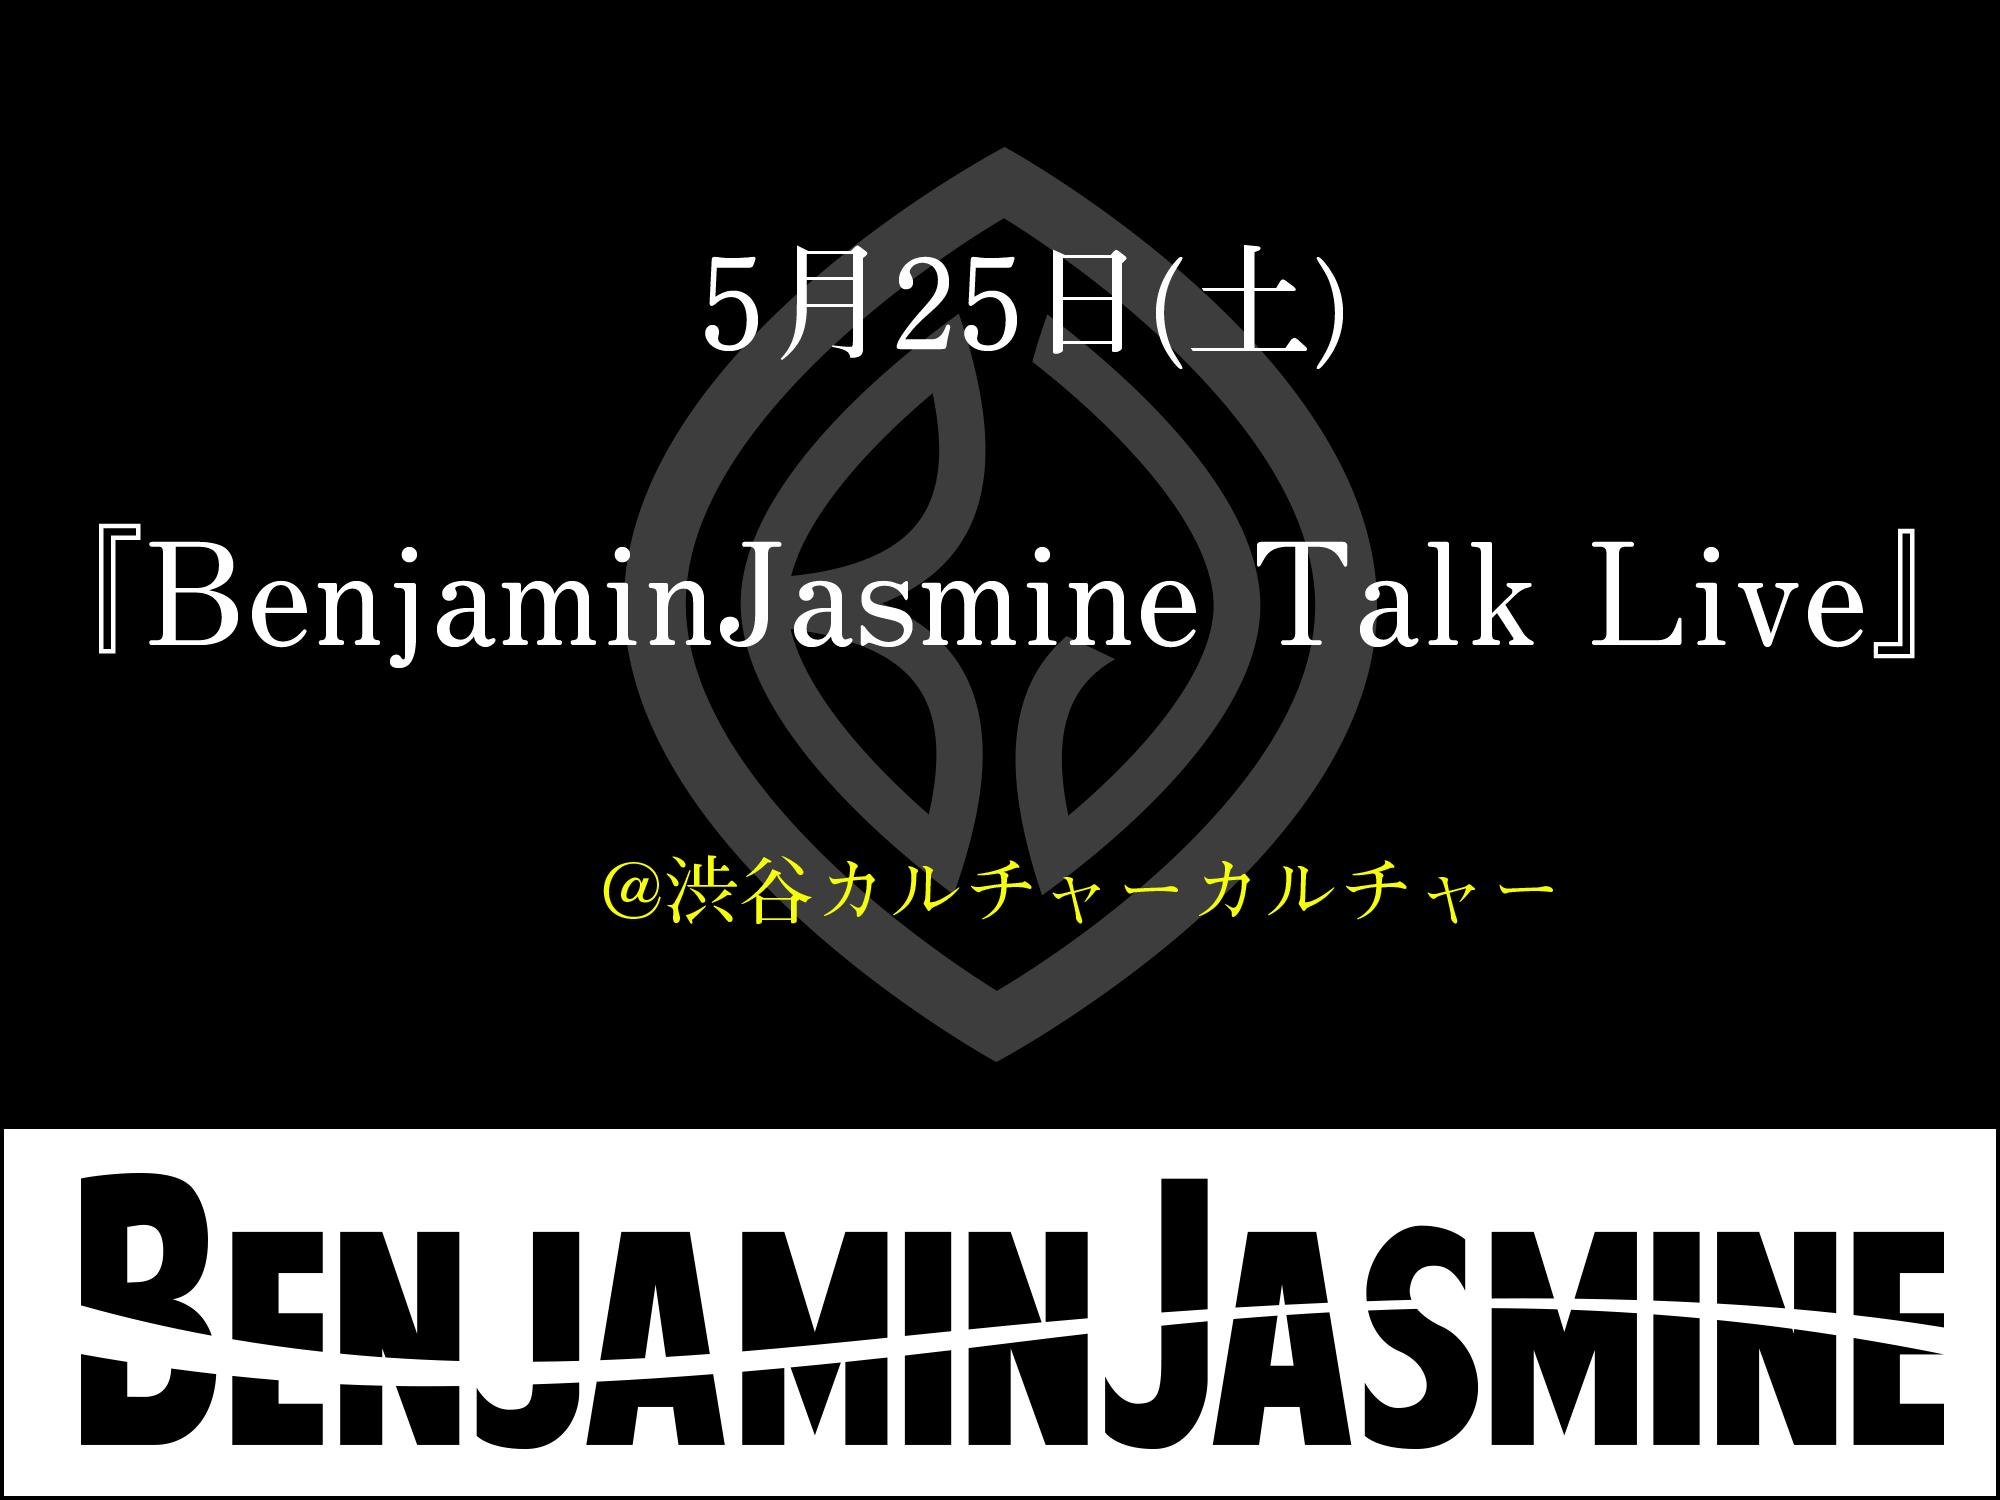 5月25日(土)『BenjaminJasmine Talk Live』